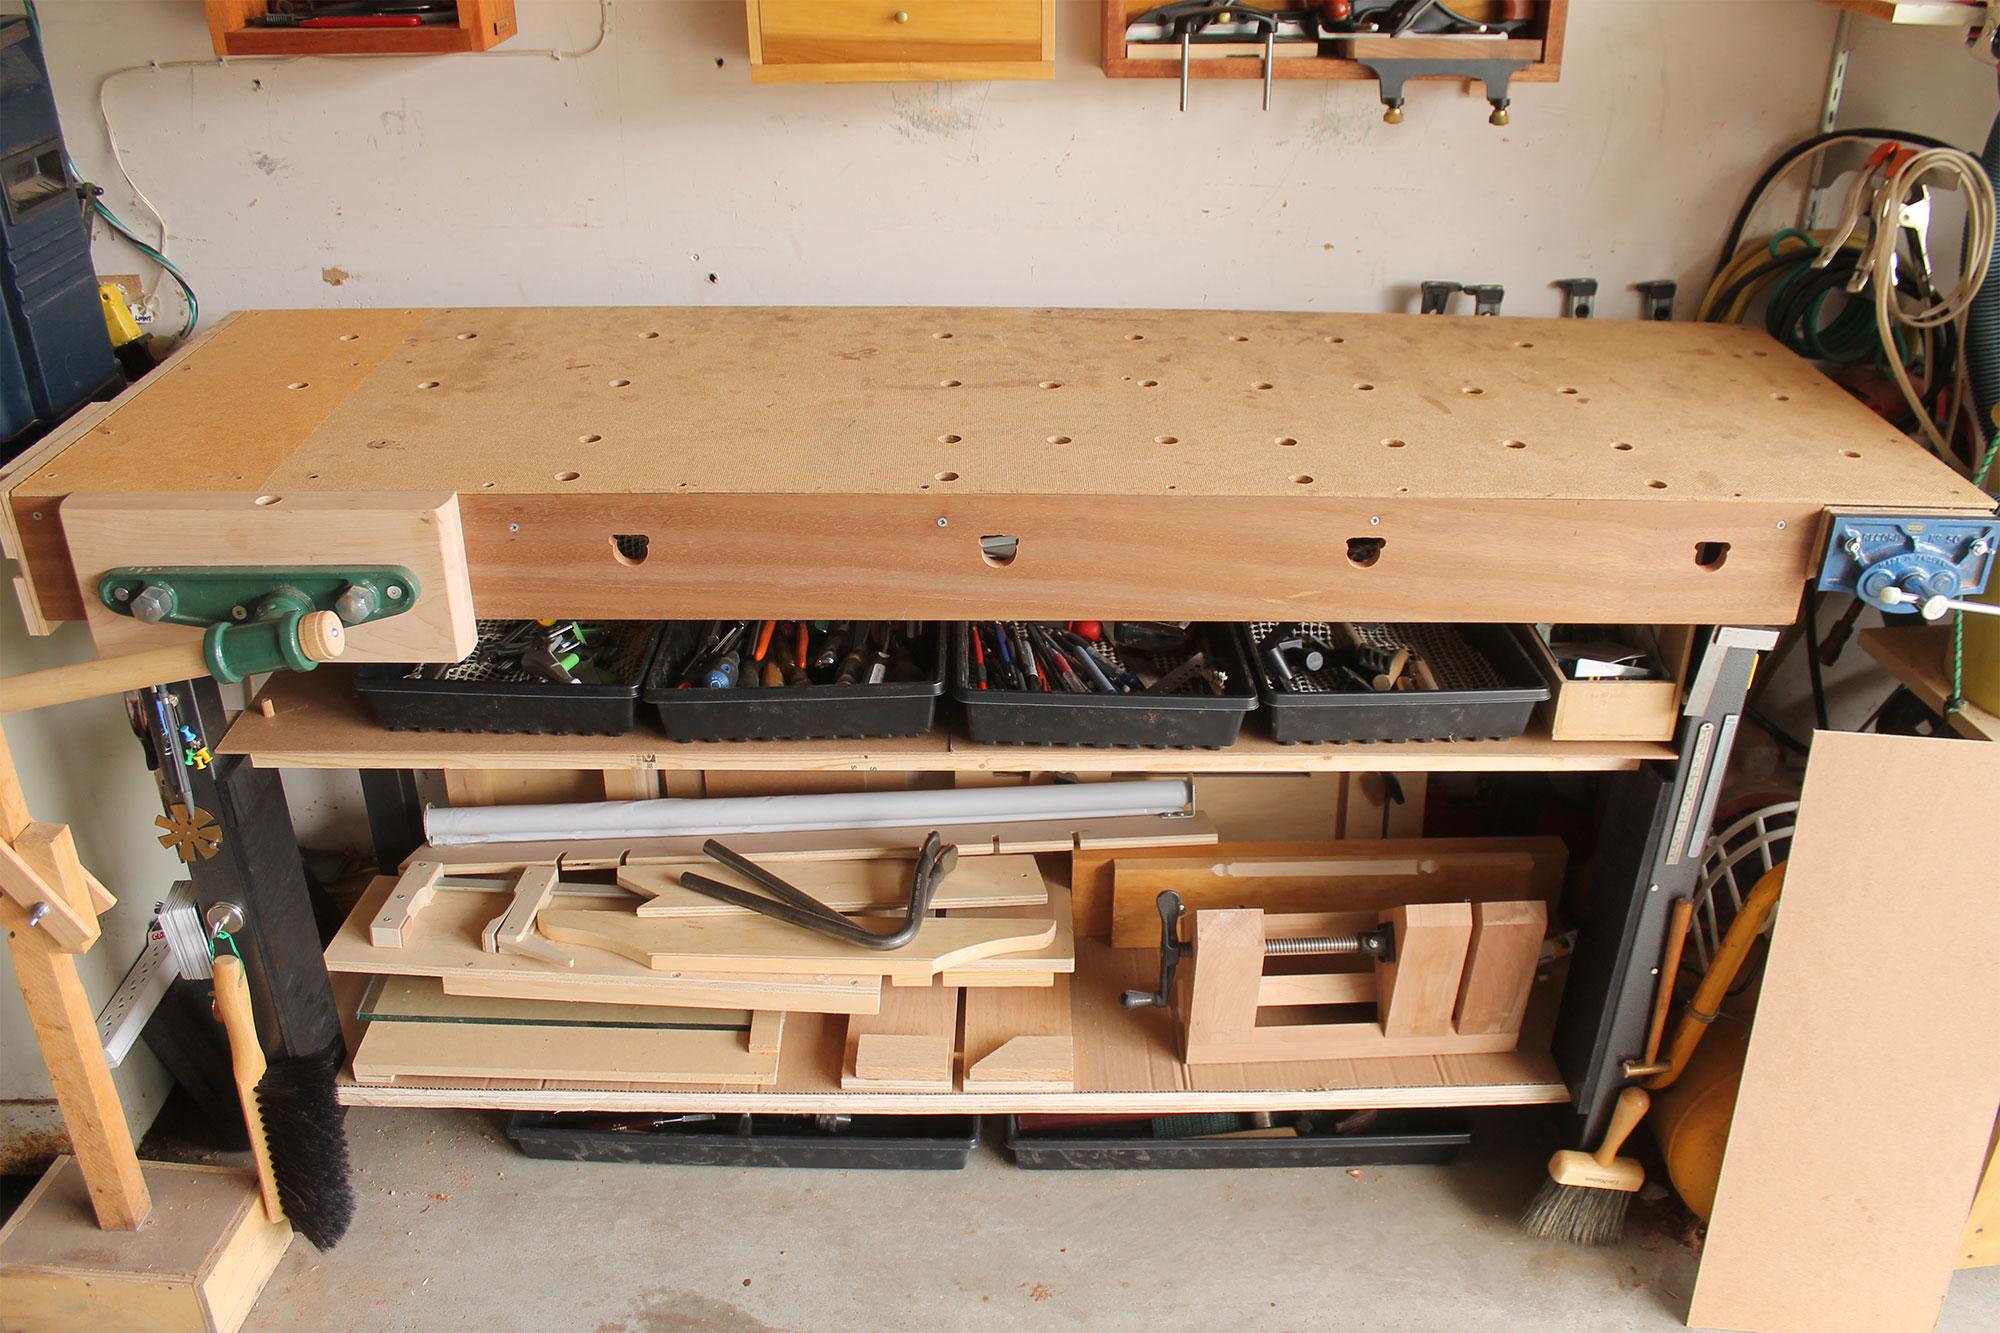 Custom-Built Hybrid Workbench